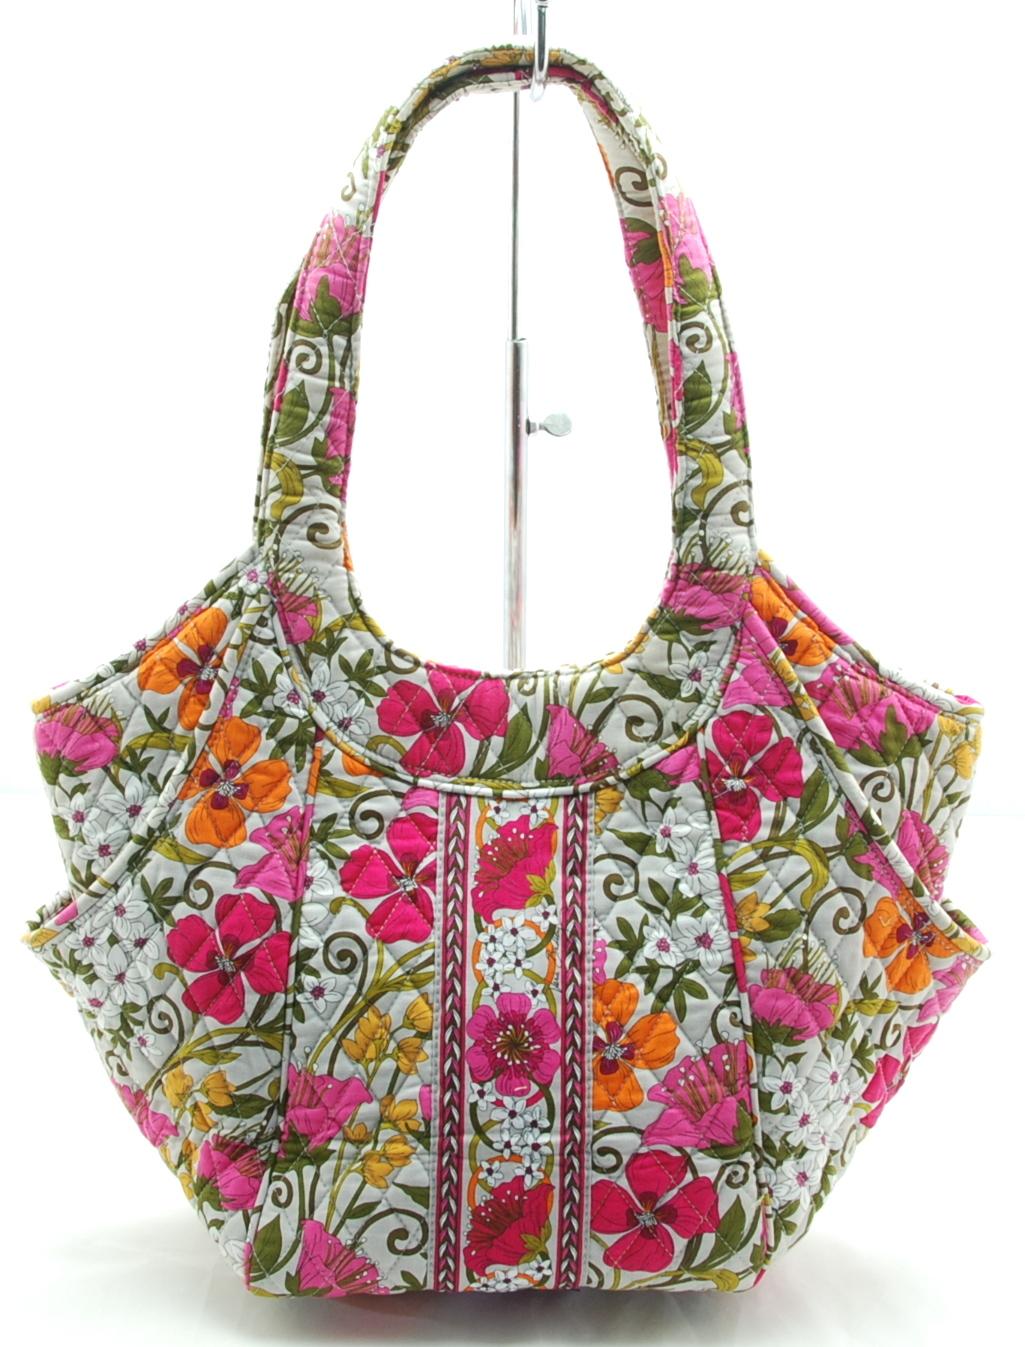 Vera Bradley Side By Side Tote In Tea Garden Bag Purse